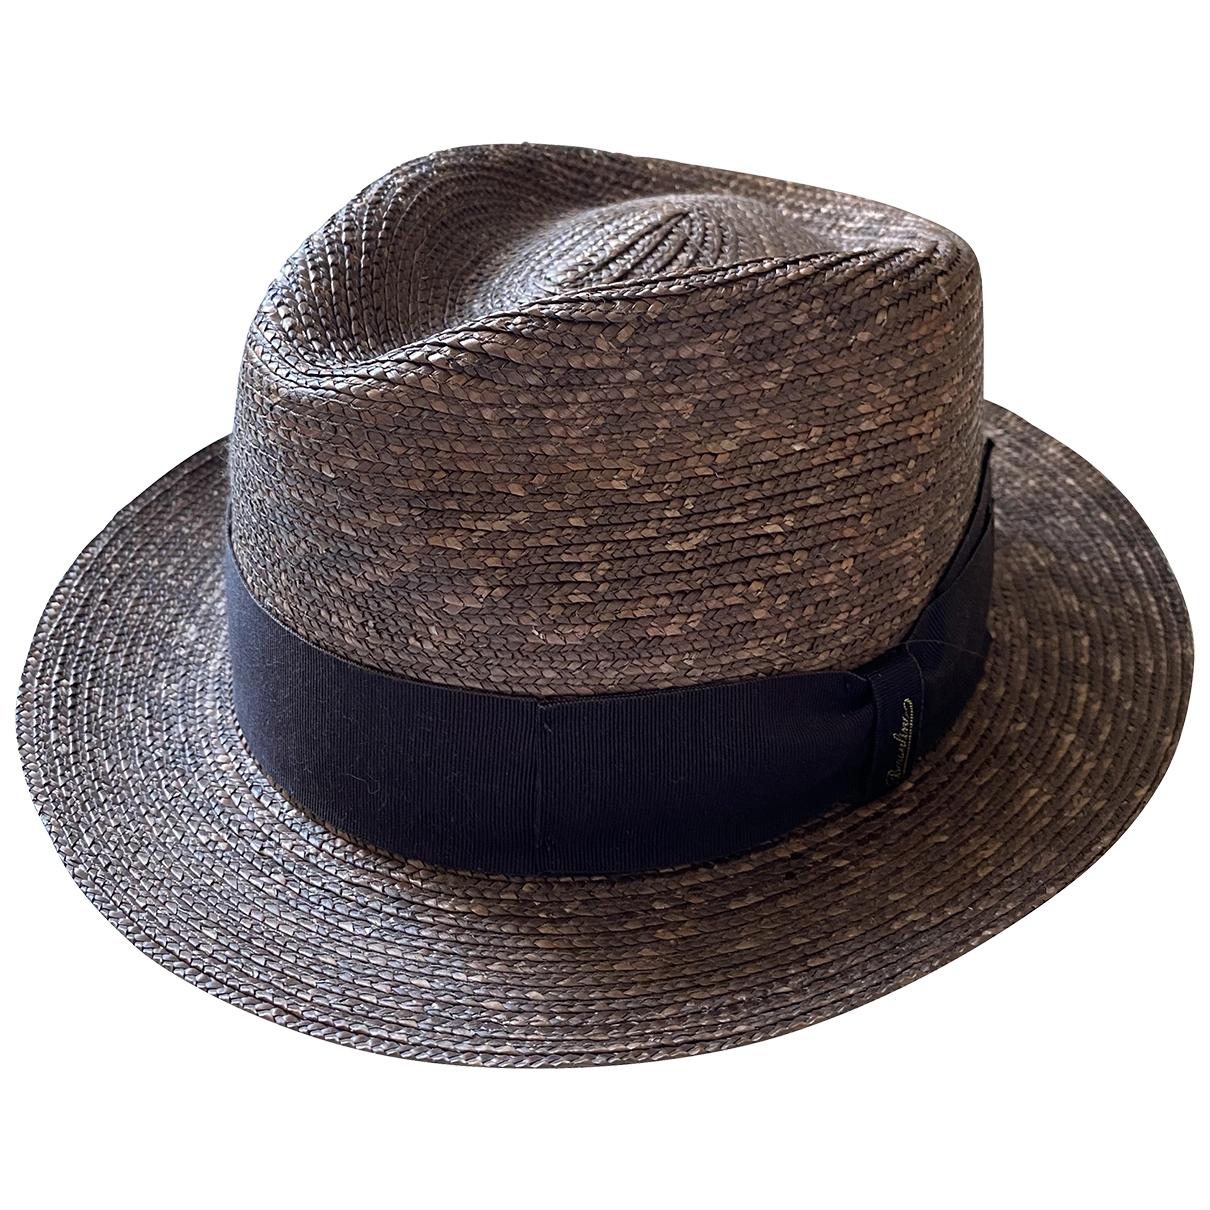 Borsalino - Chapeau & Bonnets   pour homme en paille - marron